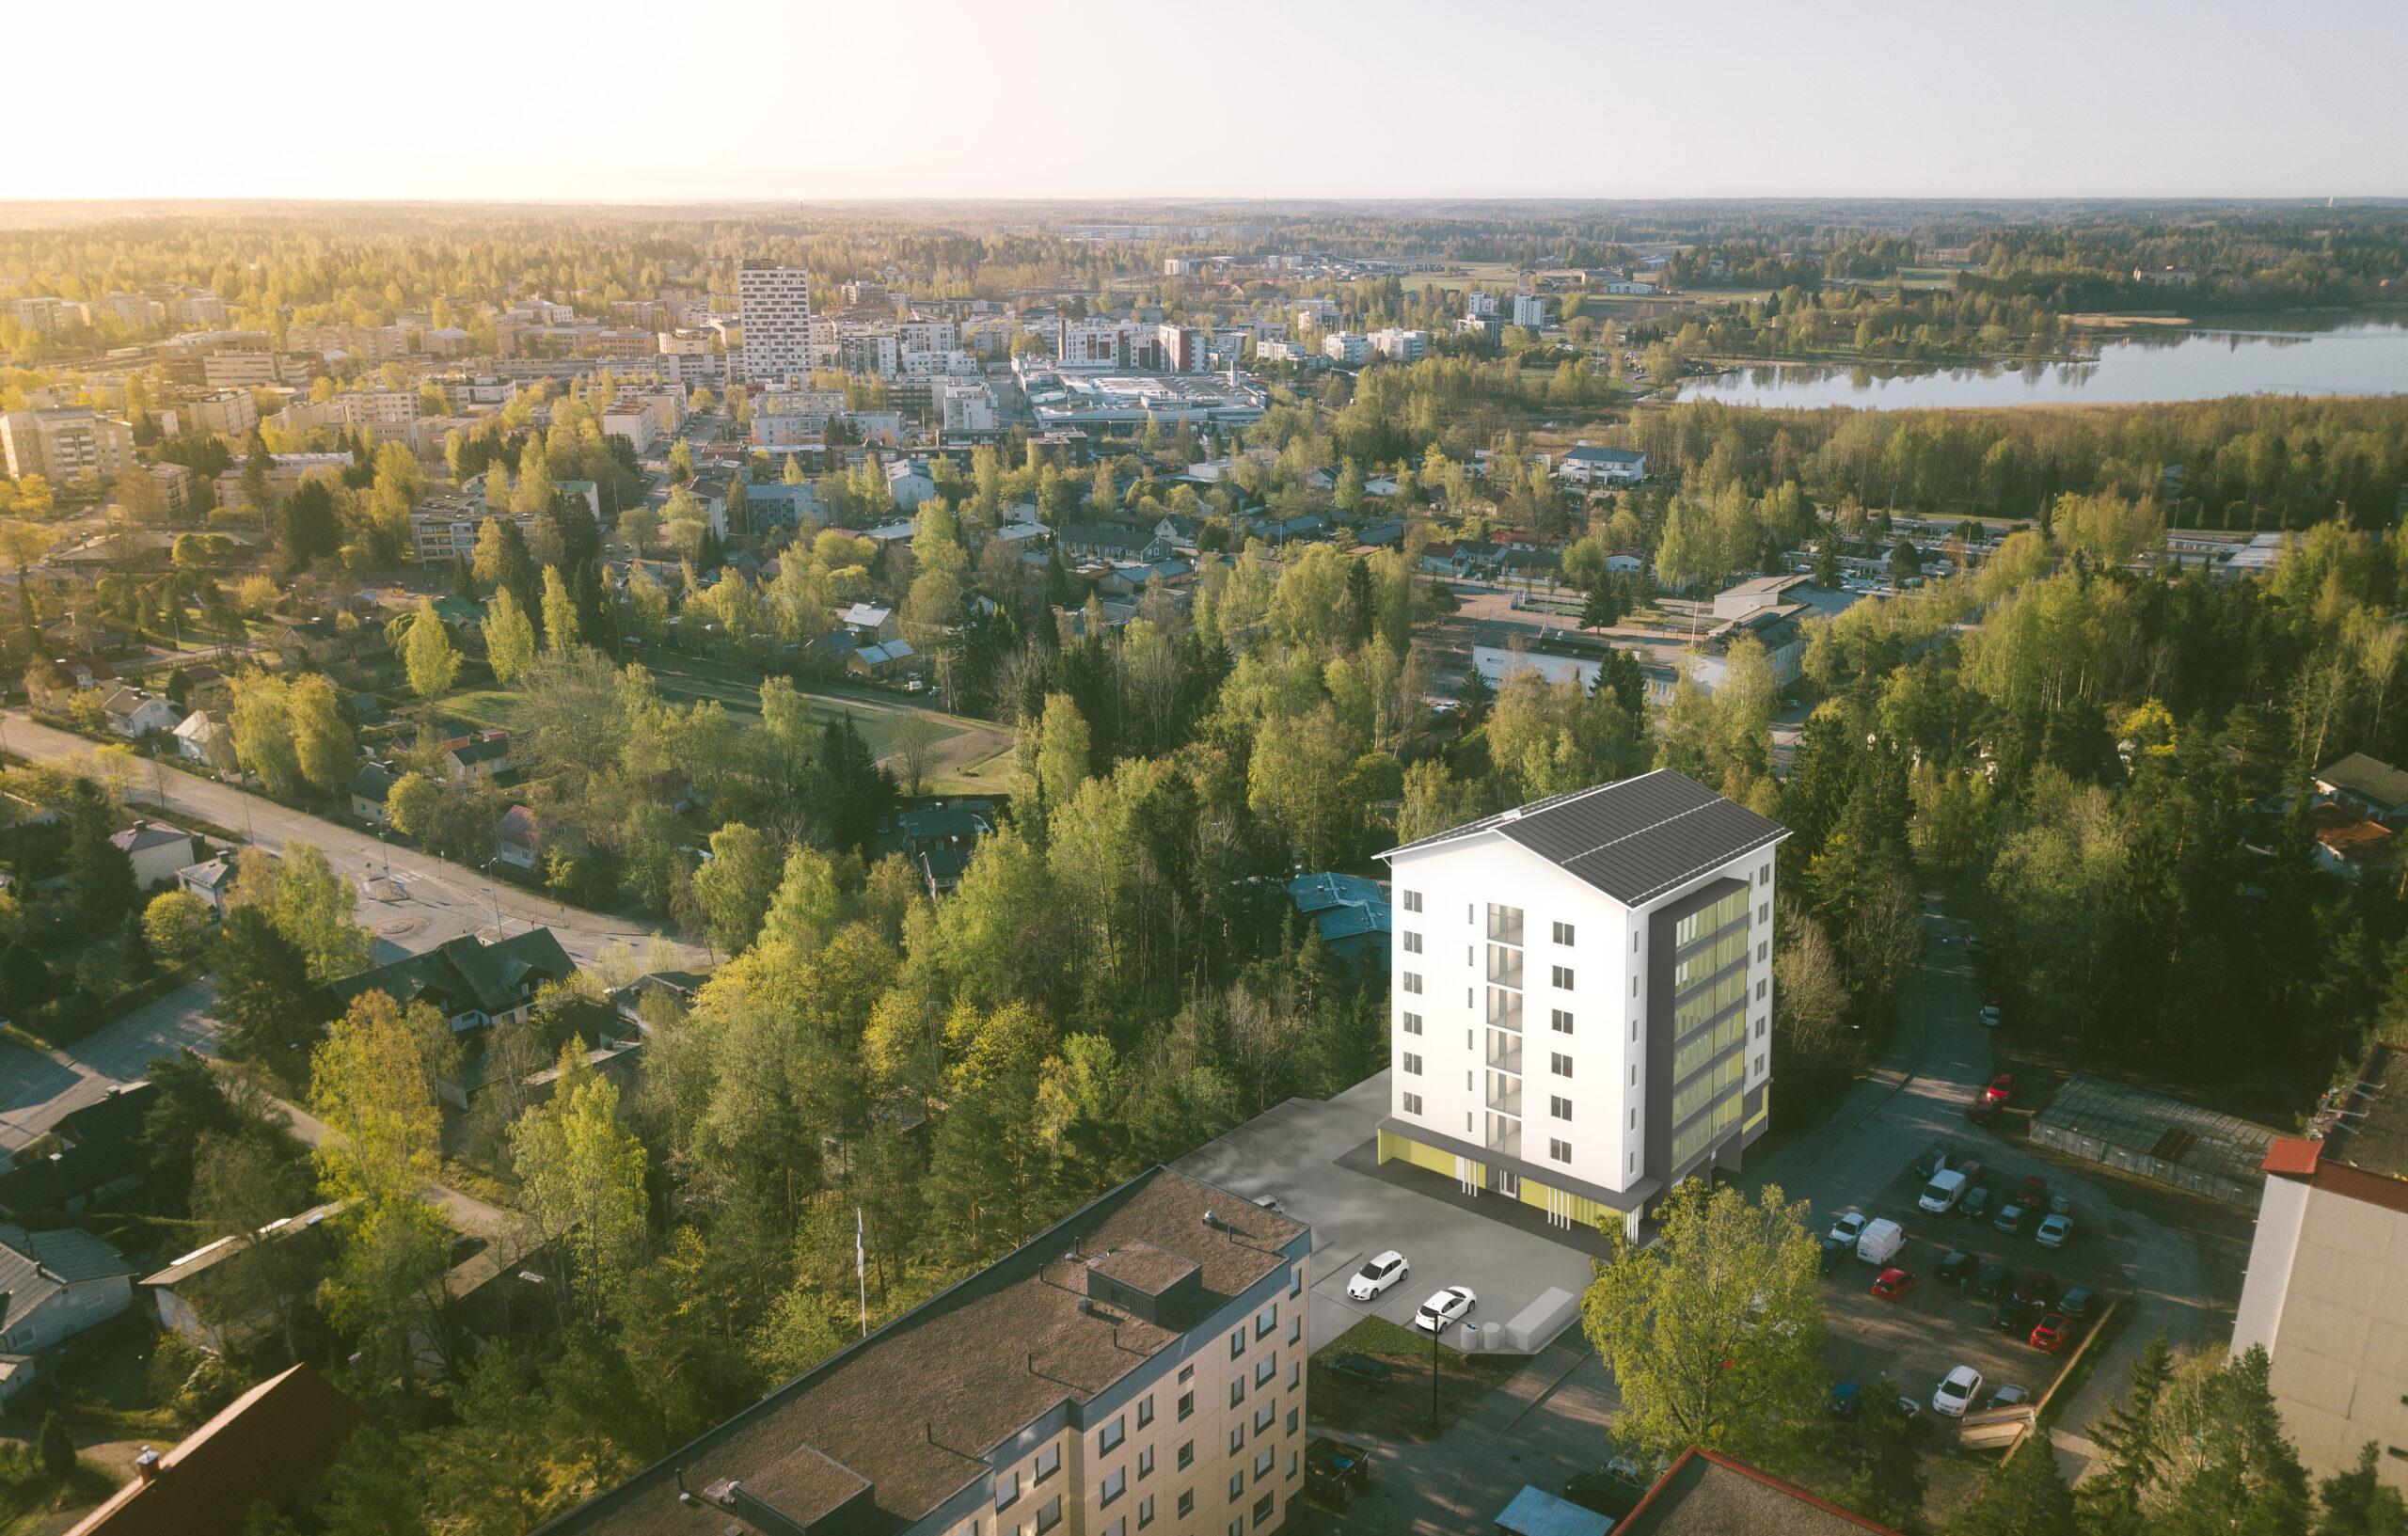 Havainnekuva, Järvenpään Mestariasunnot. Valkoinen kerrostalo Järvenpään keskustassa. Taustalla metsää, järvi ja kaupungin keskustaa.